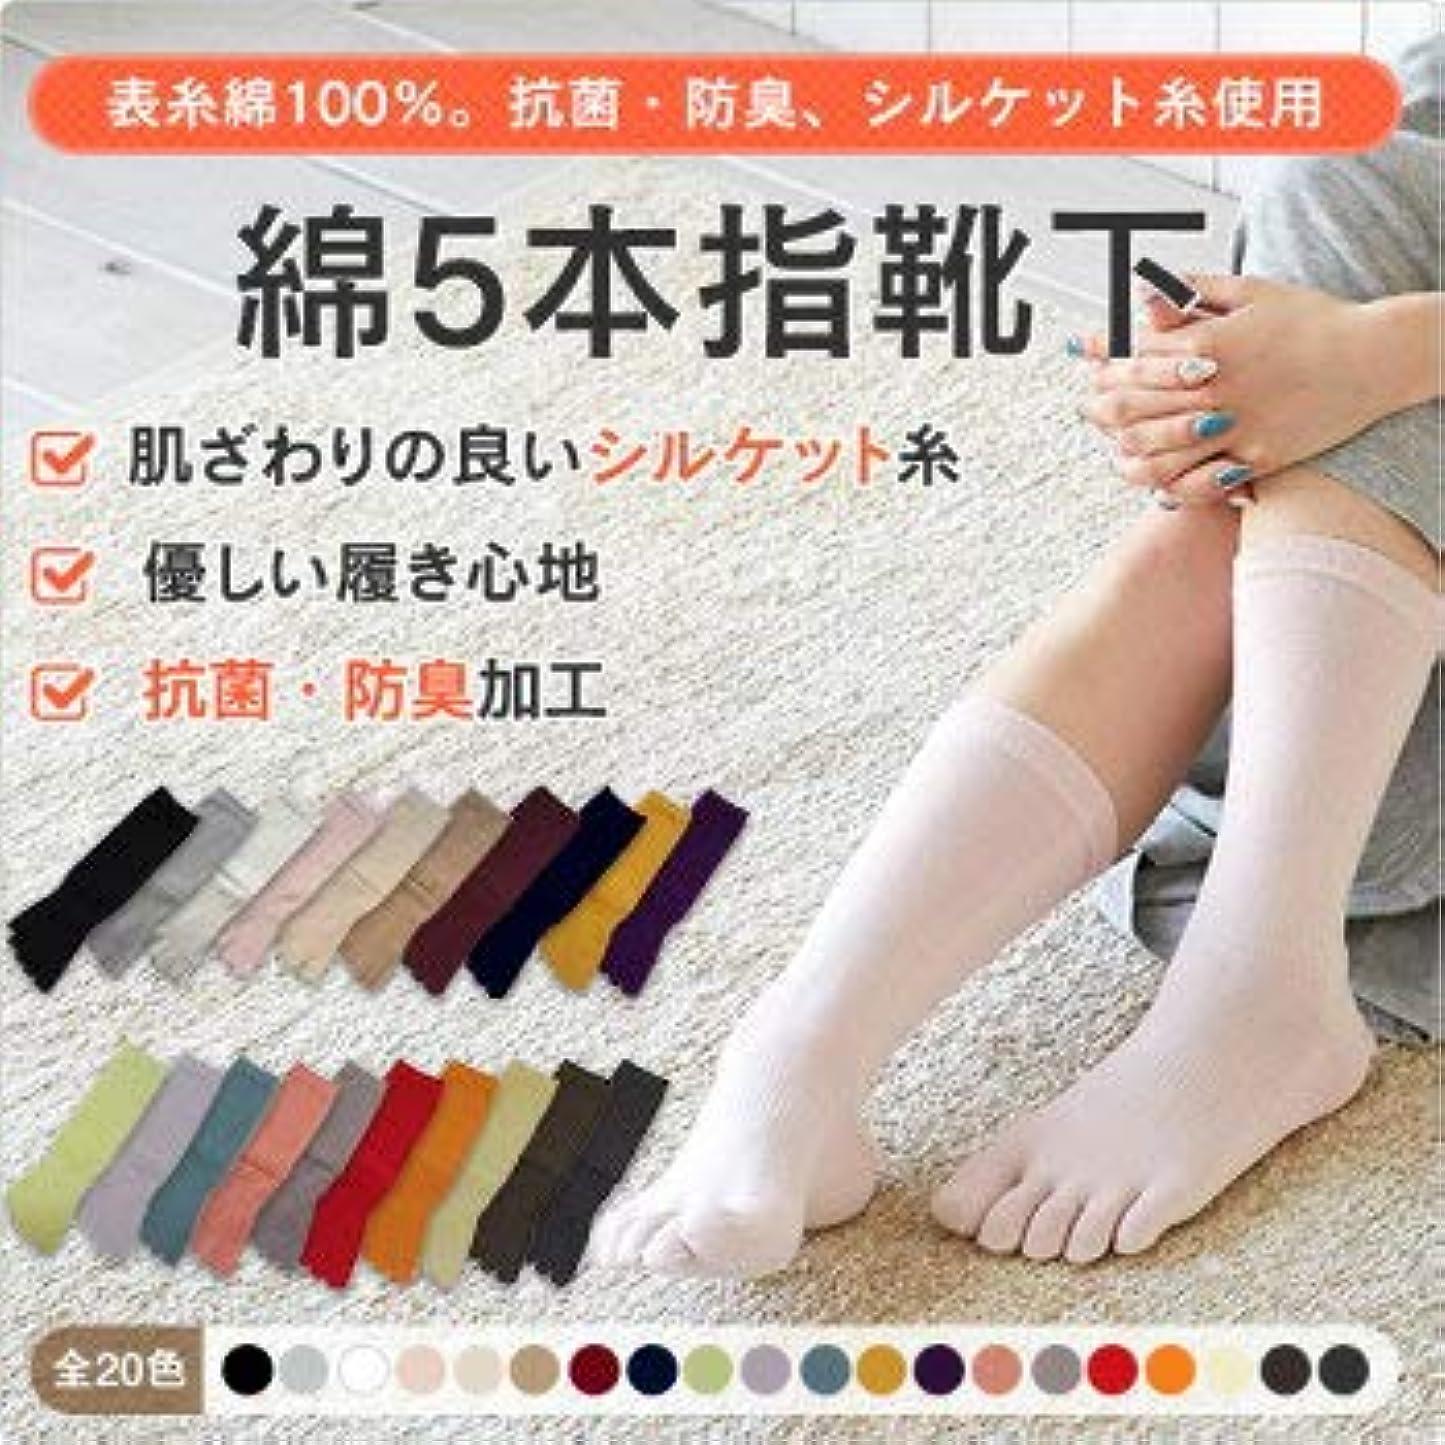 単にビデオ合併選べる5色 女性用 5本指 ソックス 抗菌防臭 加工 綿100%糸使用 5色組 老舗 靴下 メーカーのこだわり 23-25cm 太陽ニット 3205P